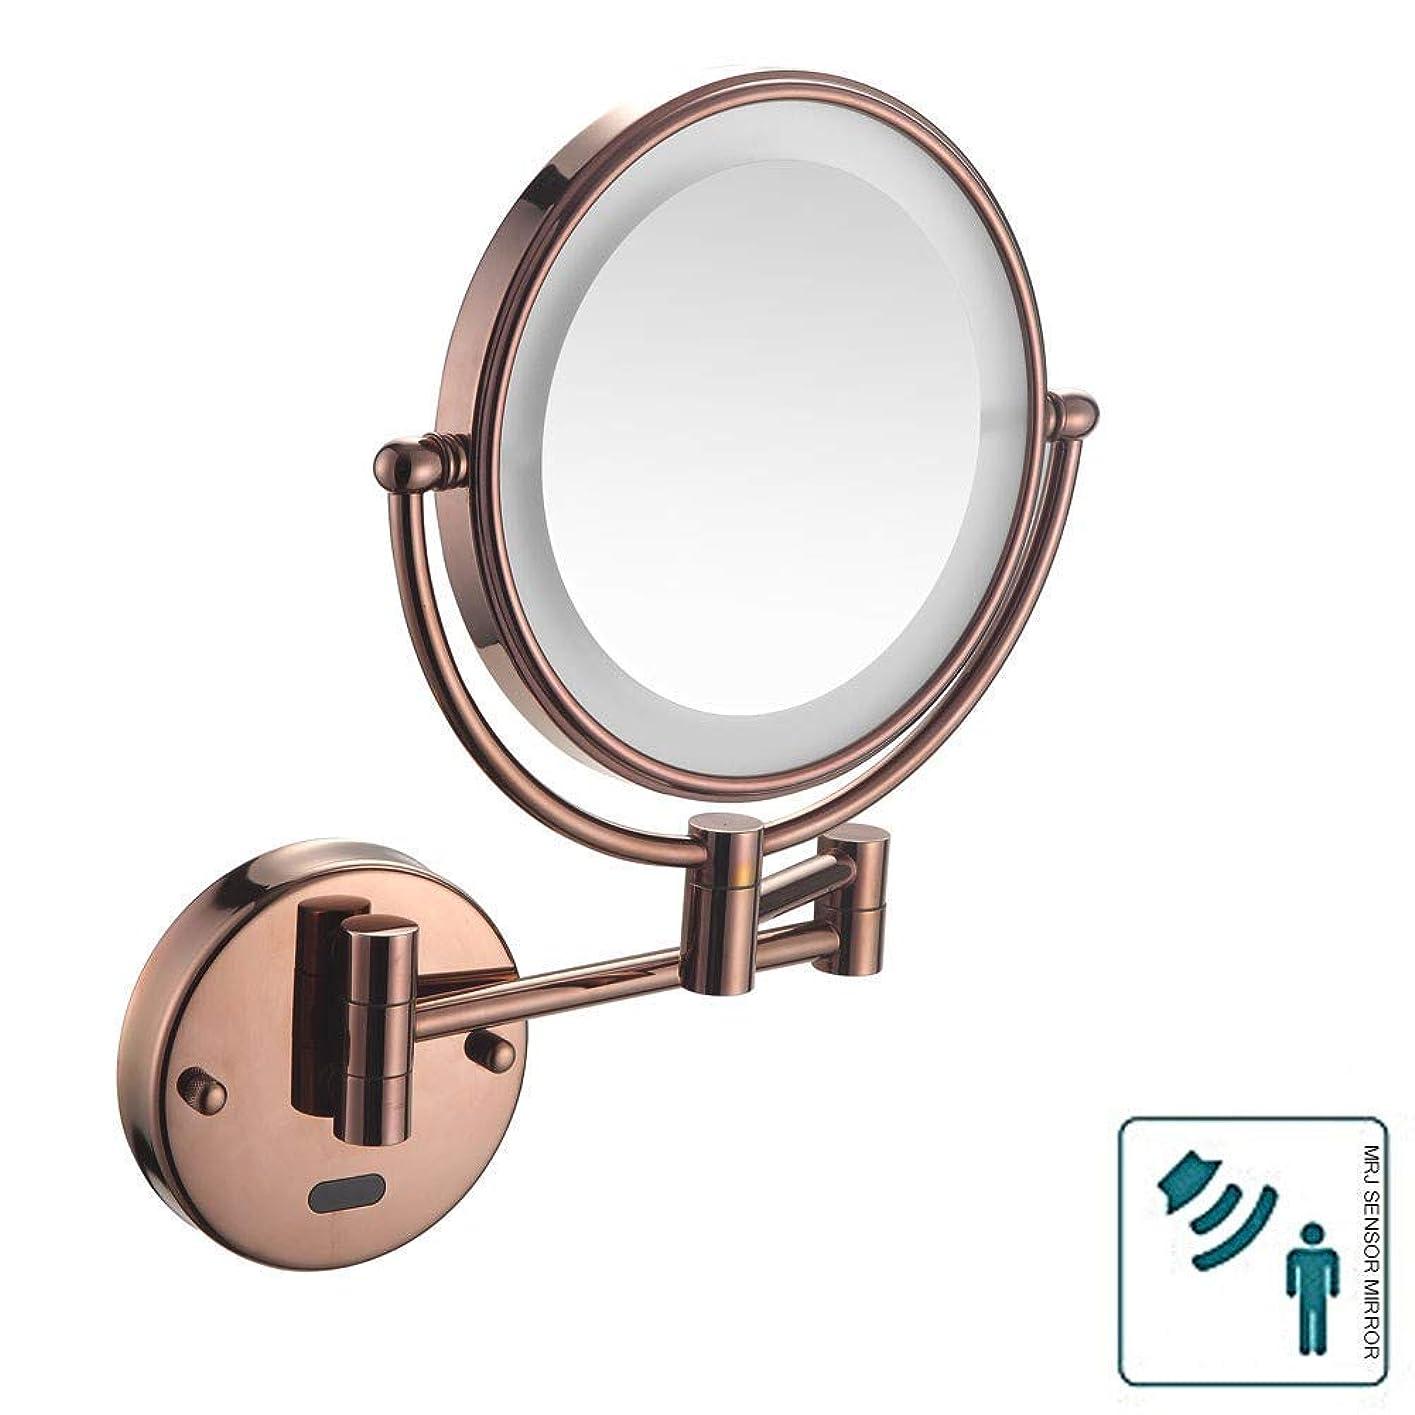 くすぐったいアカデミック管理する浴室シェービングミラー壁に取り付けられたセンサーミラー化粧鏡LED照明健康調節可能なホテルの虚栄心のための調節可能な拡張可能な8インチ3x拡大プラグ